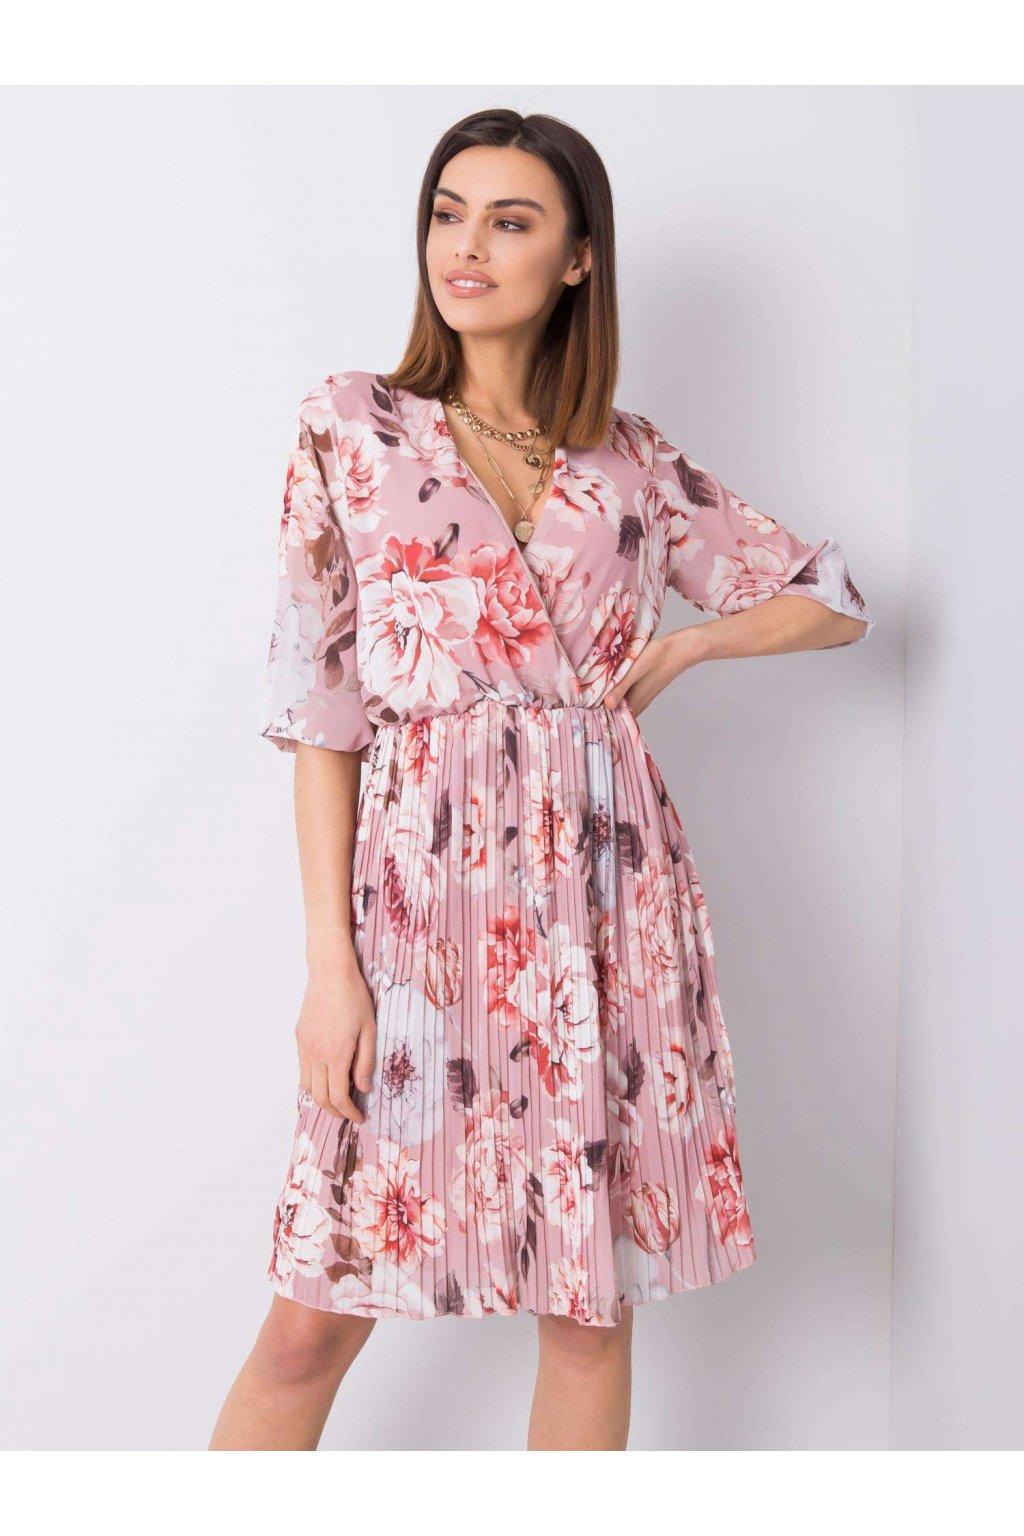 pol pl Rozowa sukienka z printami Valentine 363686 1